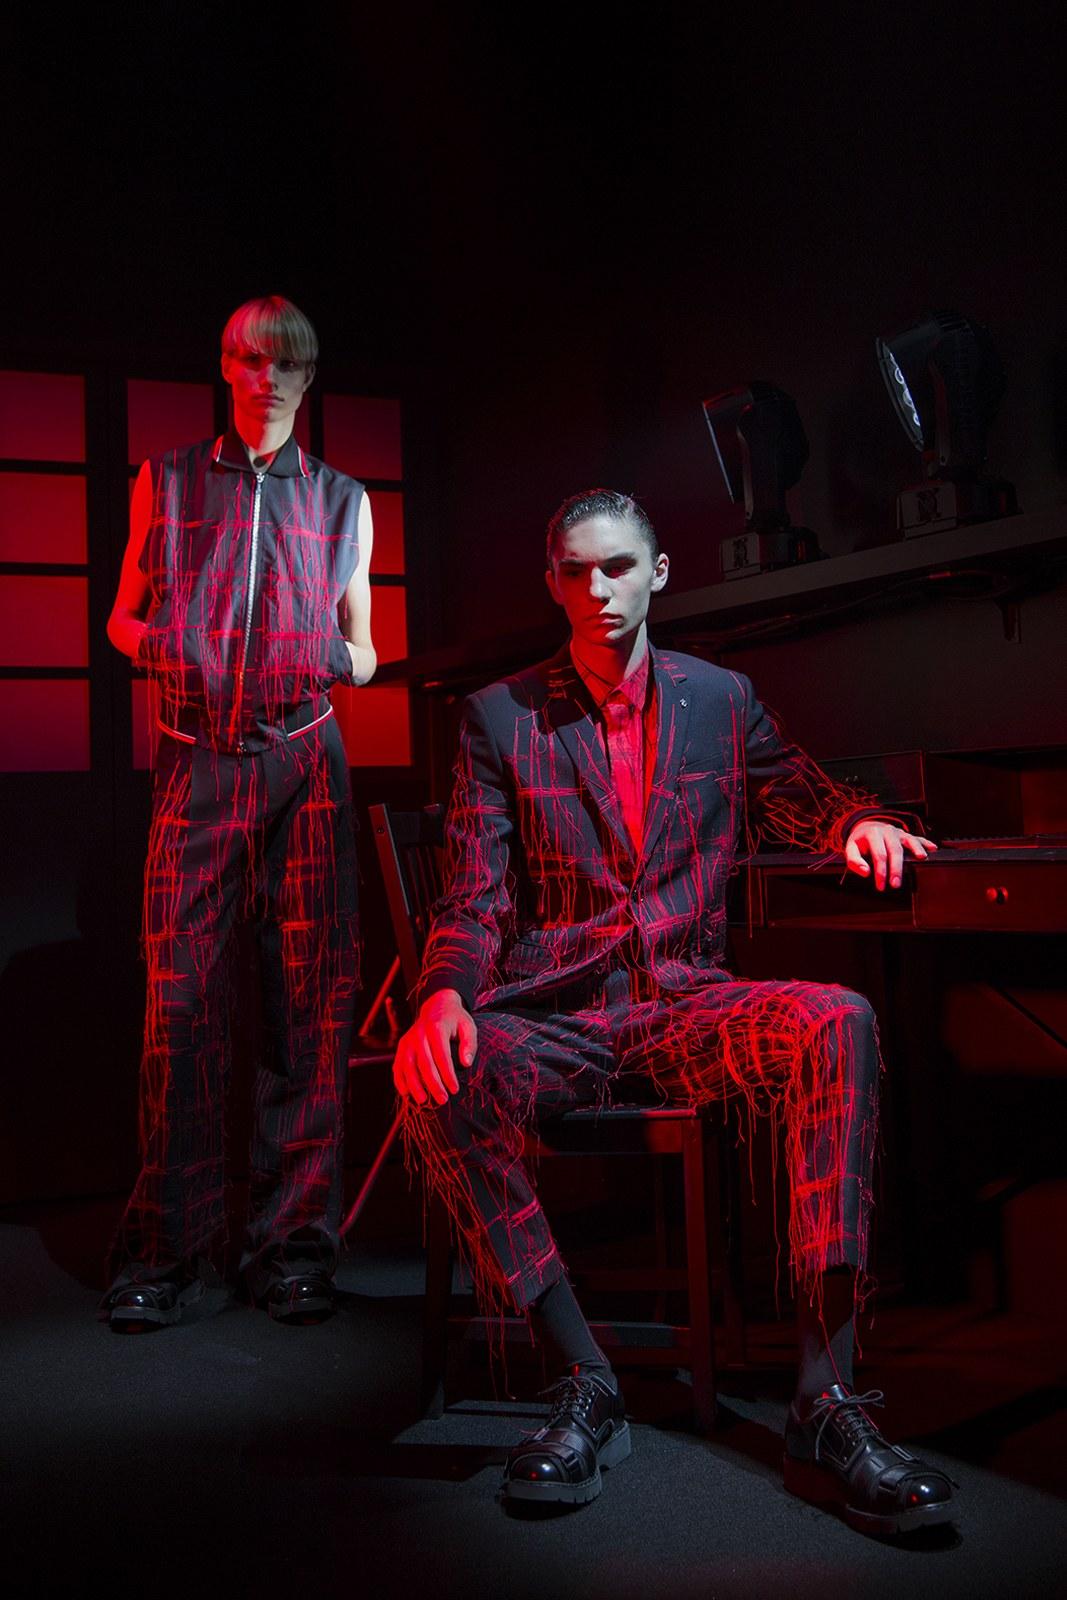 La collection Dior Homme '17 vient inaugurer l'ouverture de la boutique Ginza Six à Tokyo